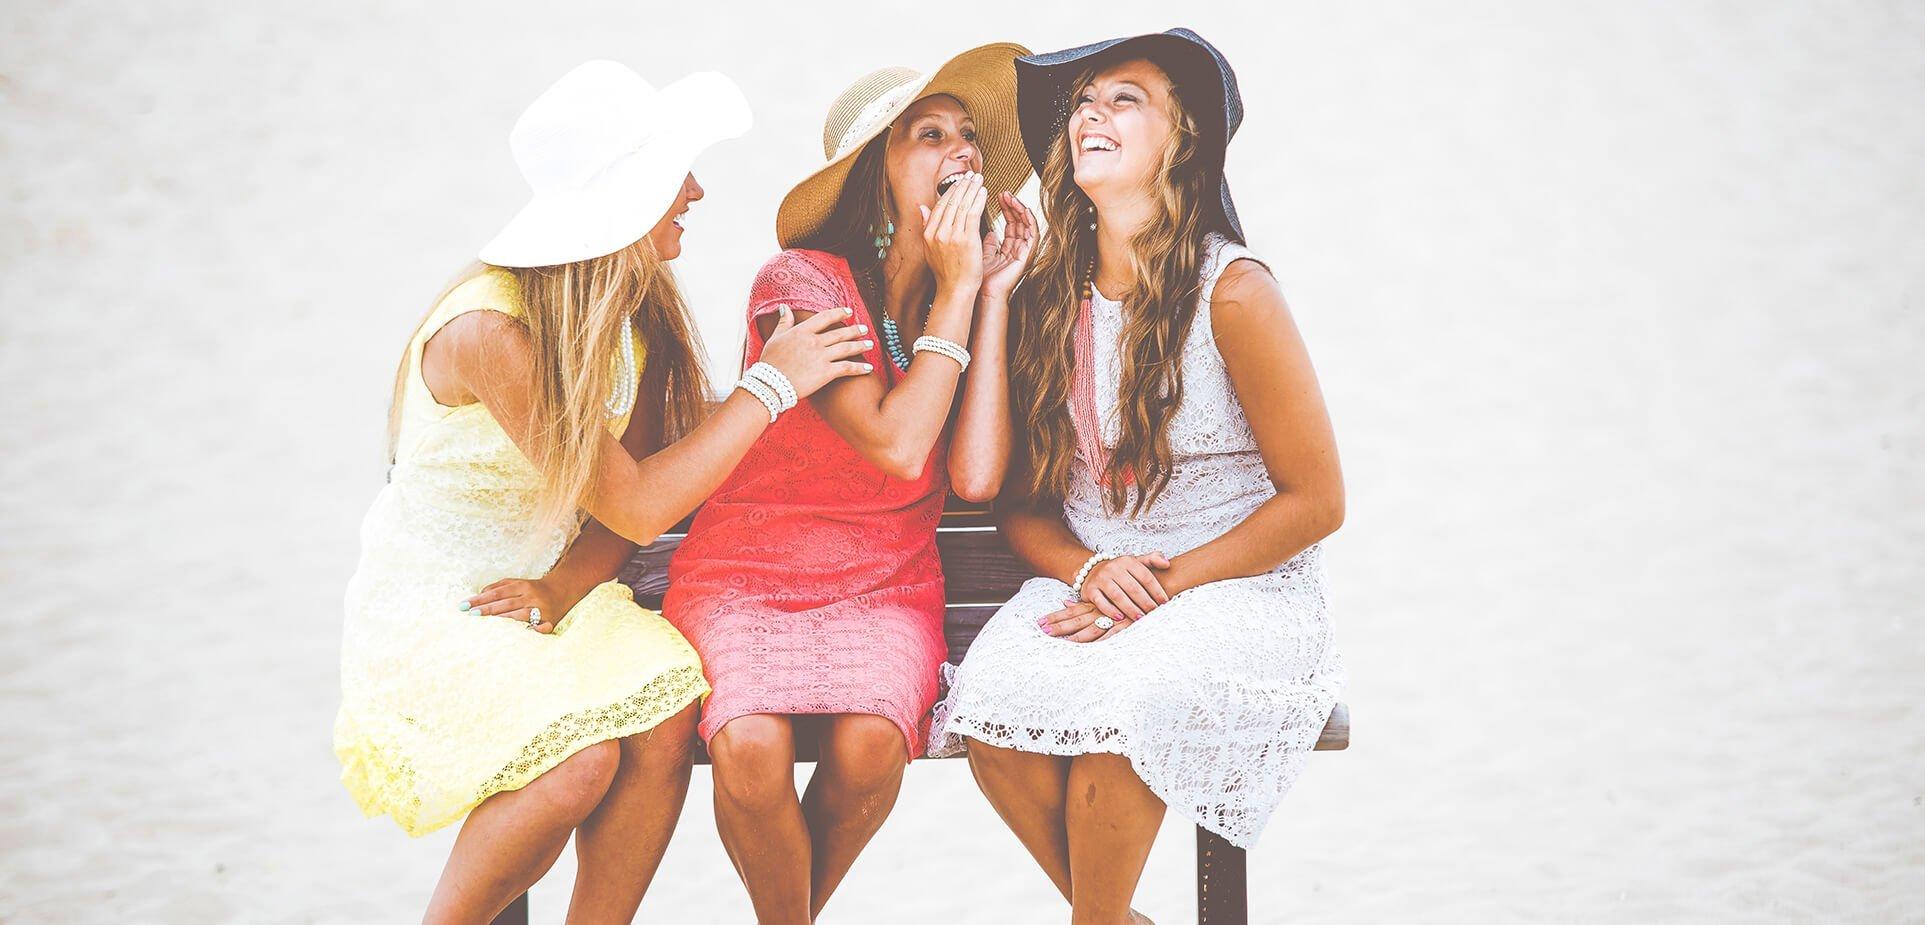 Trio d'amies assises sur un banc en riant par une belle journée ensoleillée